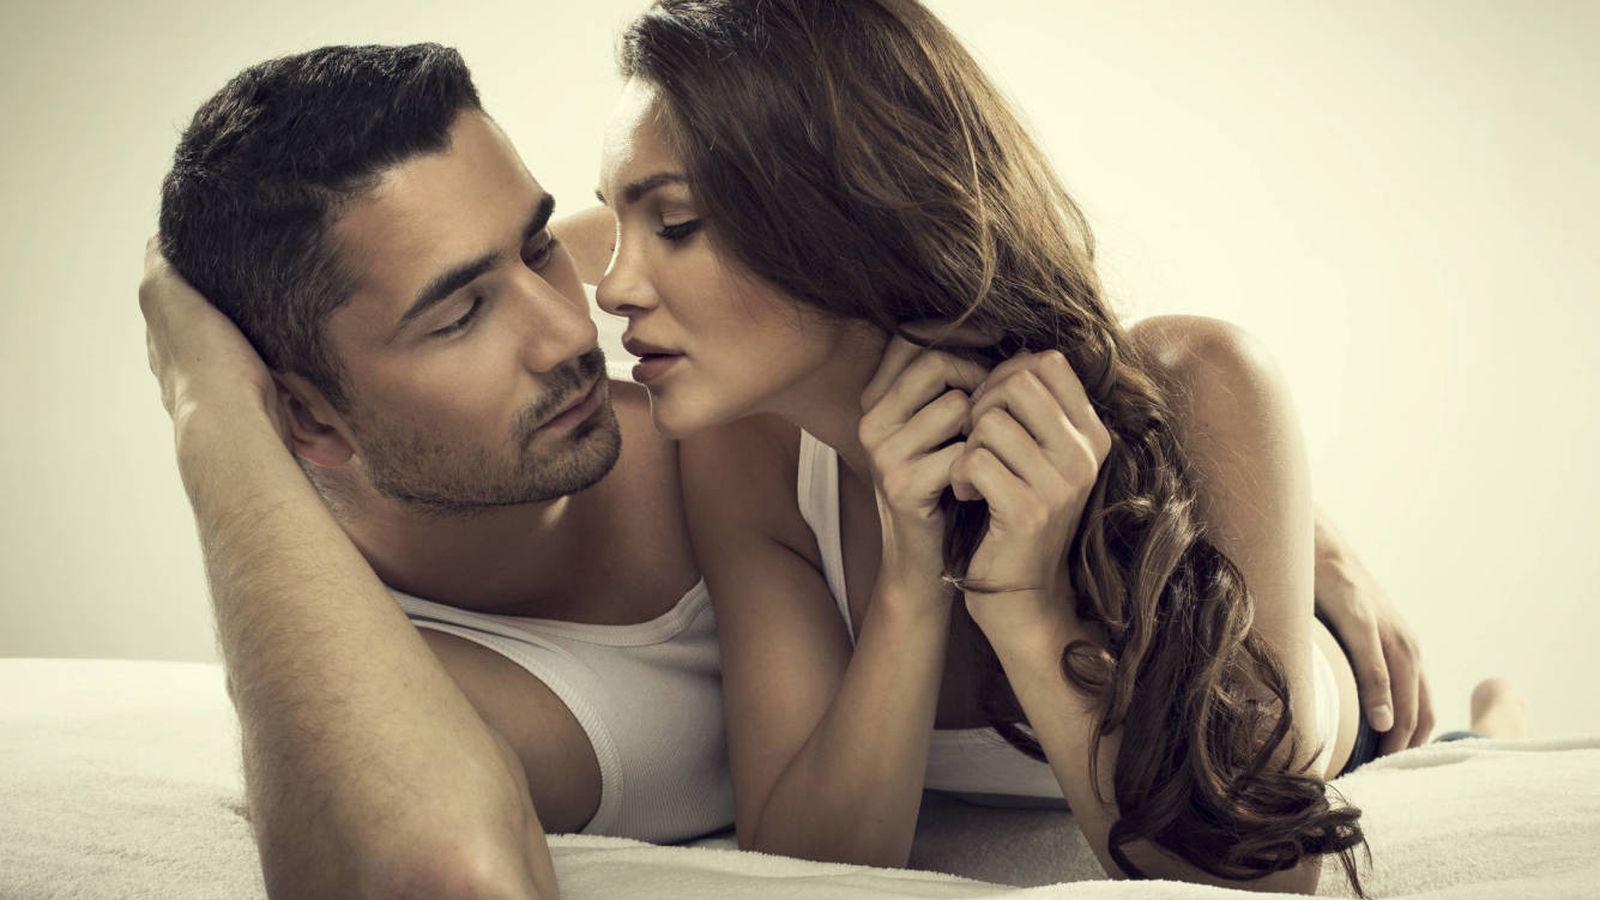 Sexualidad 8 Tipos De Orgasmos Que Todos Los Hombres Tienen Al Menos Una Vez En Su Vida